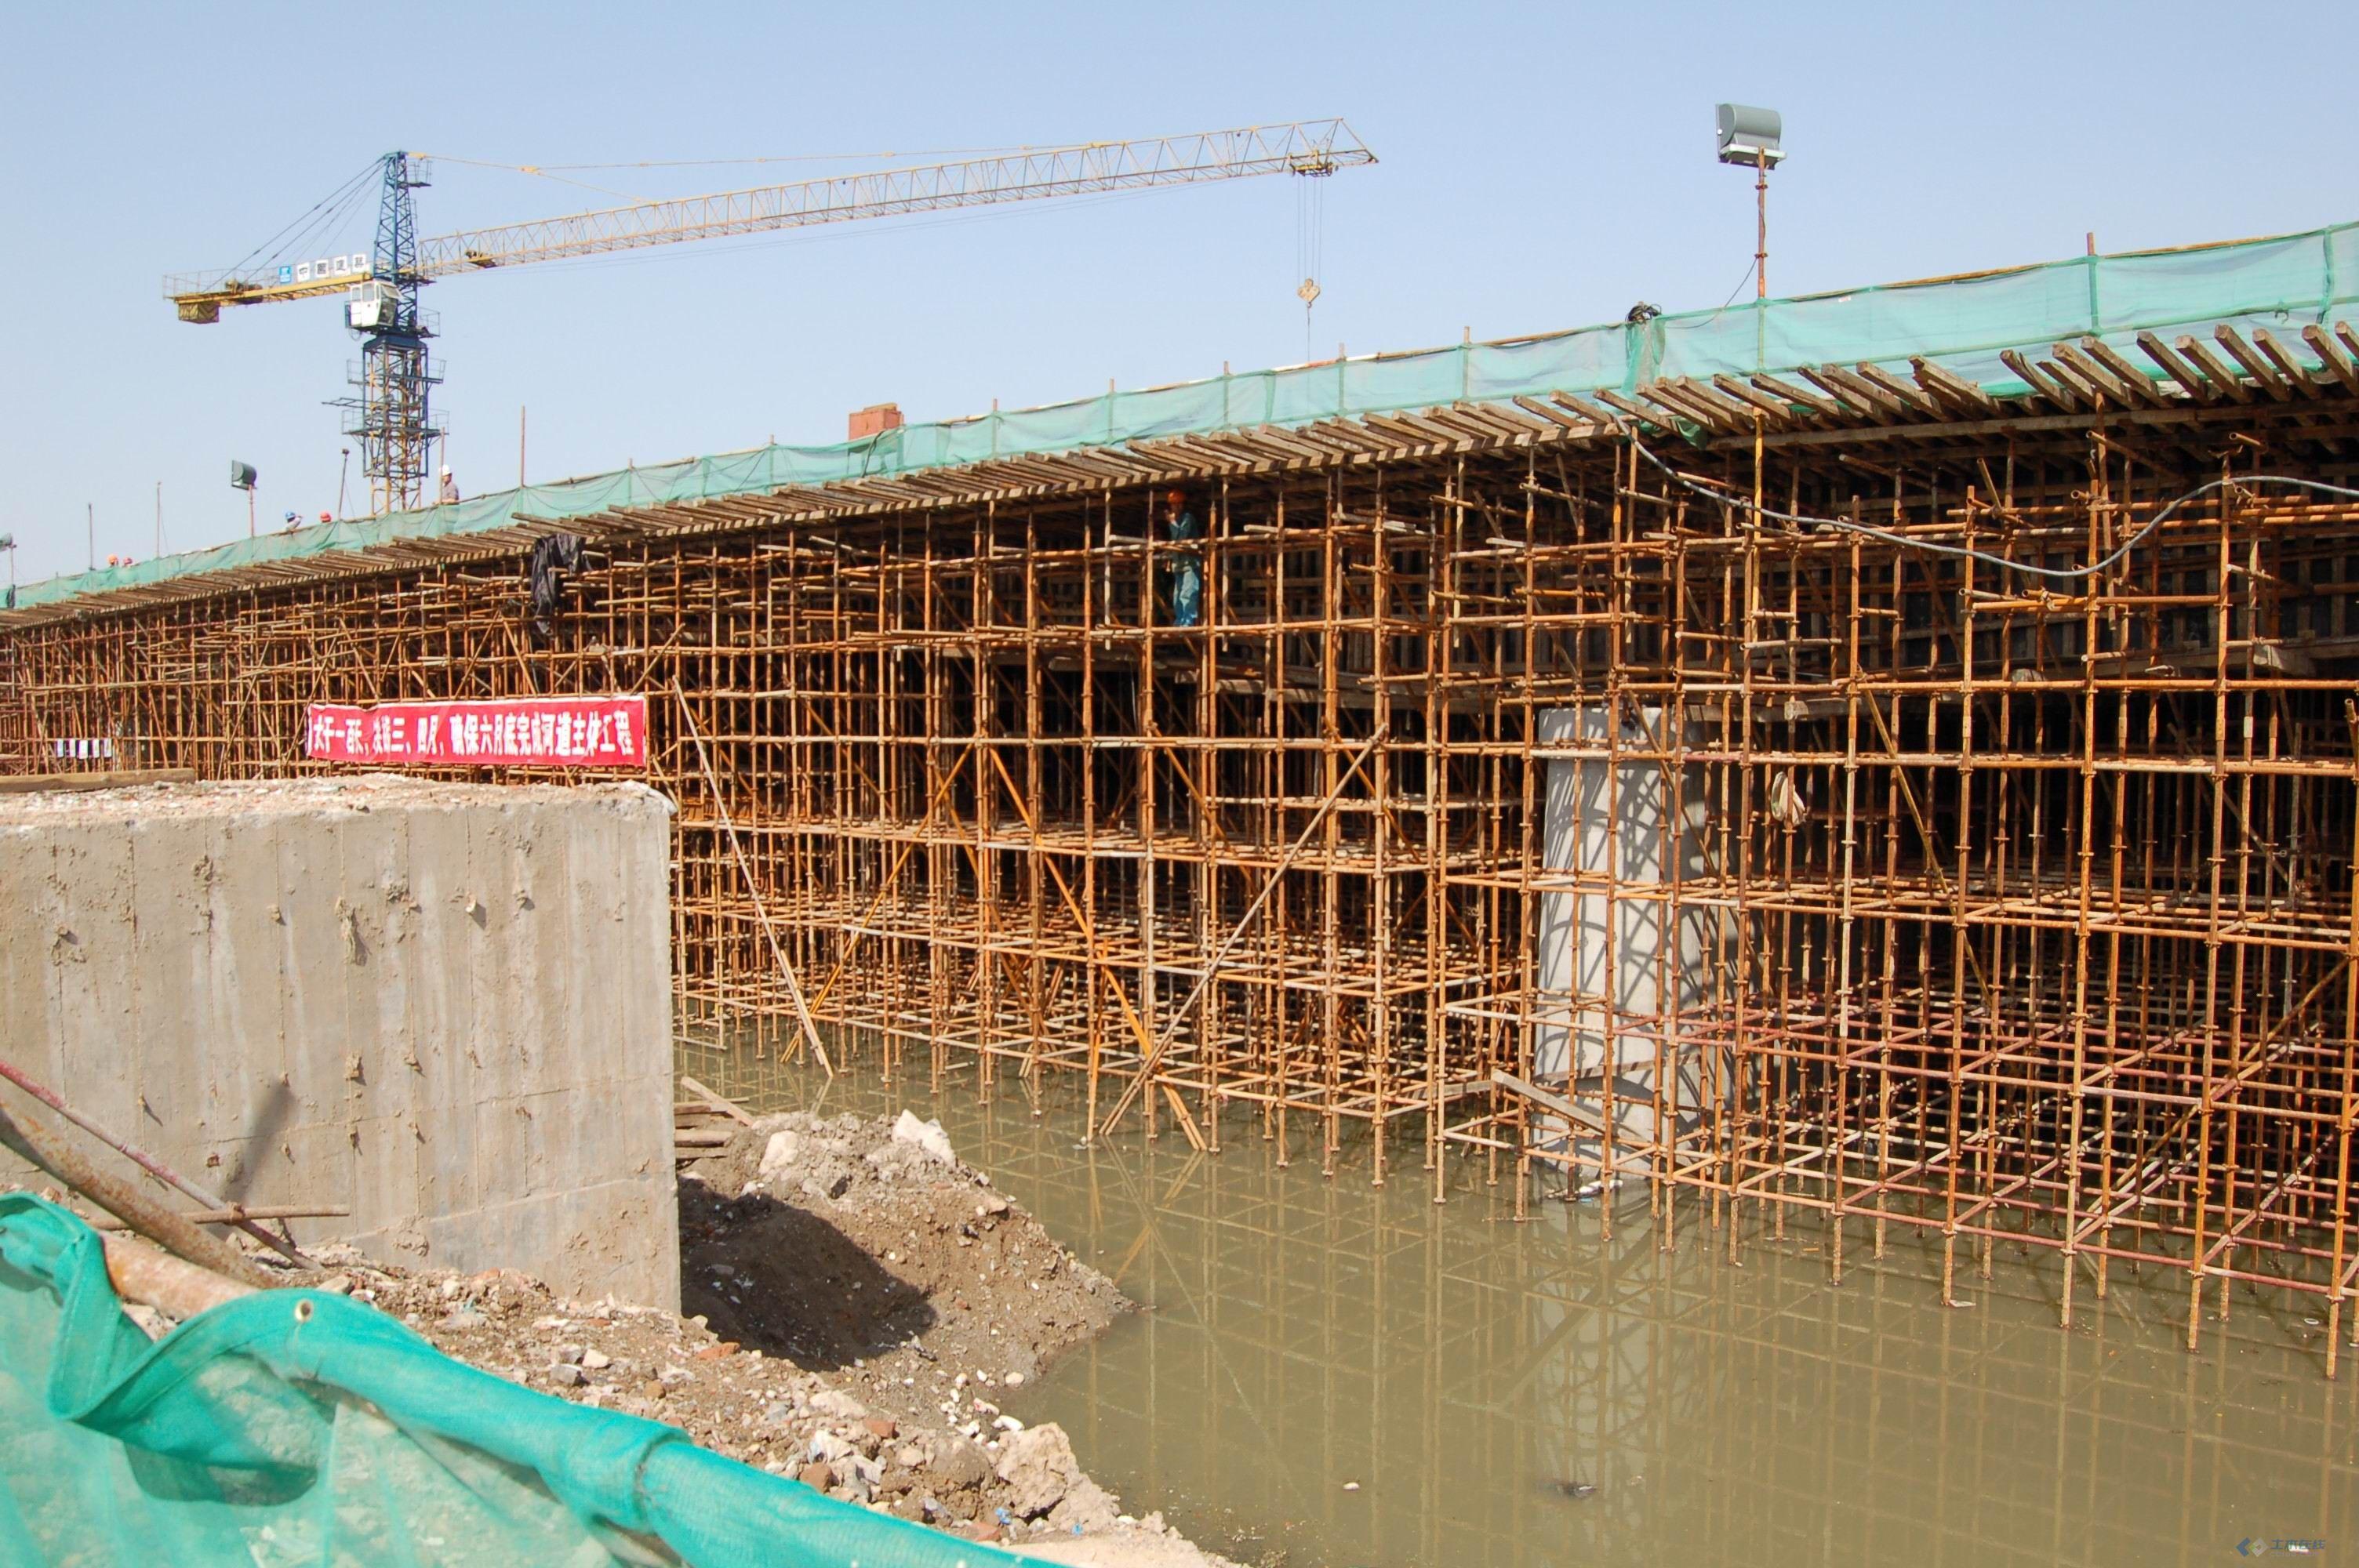 施工技术 工程实录 桥梁满堂支架施工  桥梁施工中的碗扣满堂支架设计